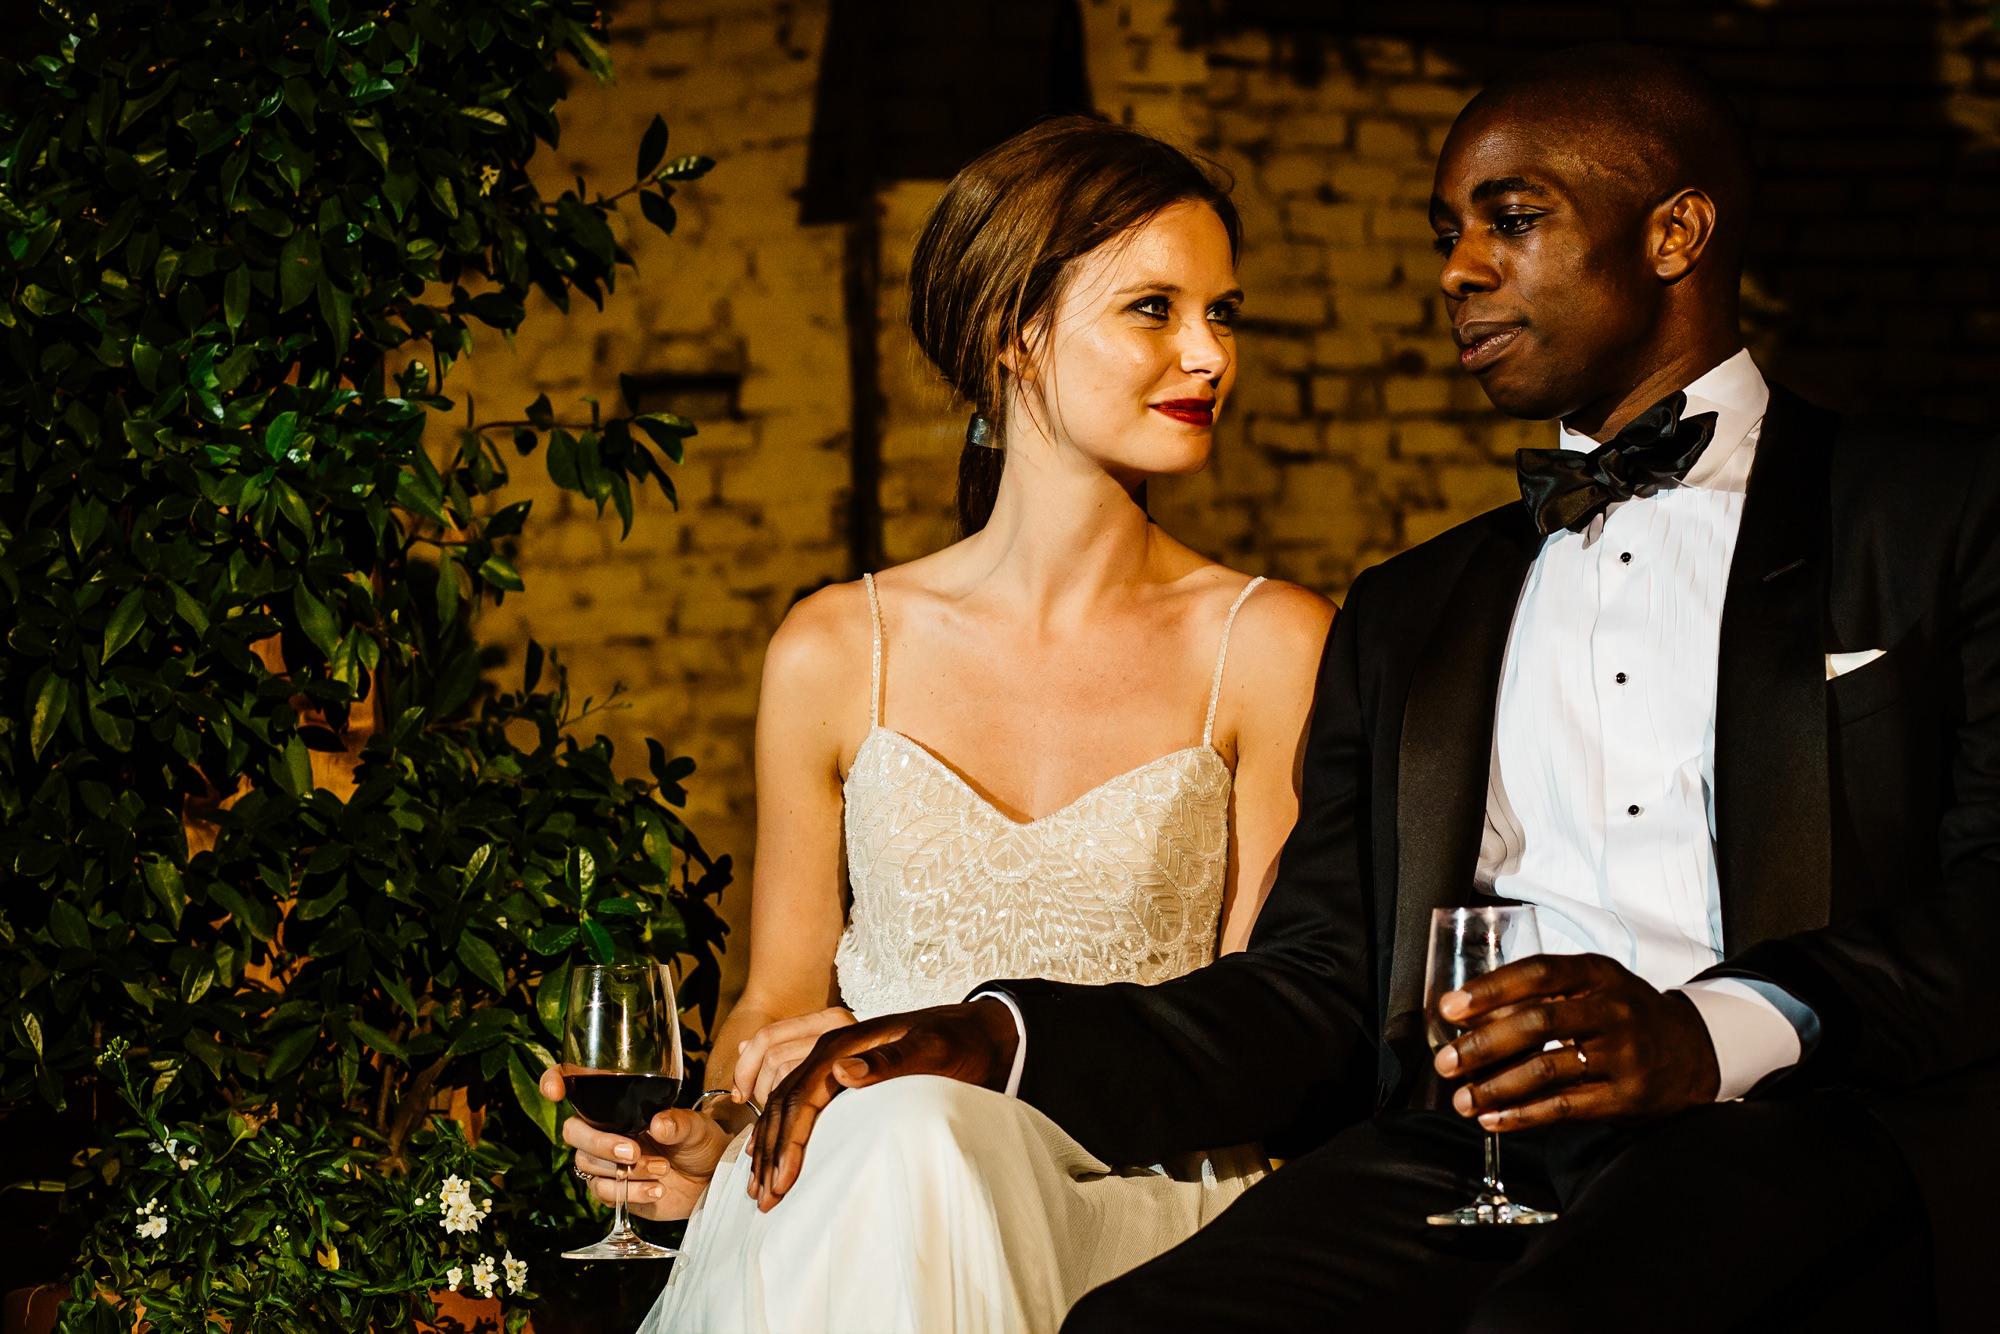 AB_Destination_Wedding_Piemonte_52.jpg